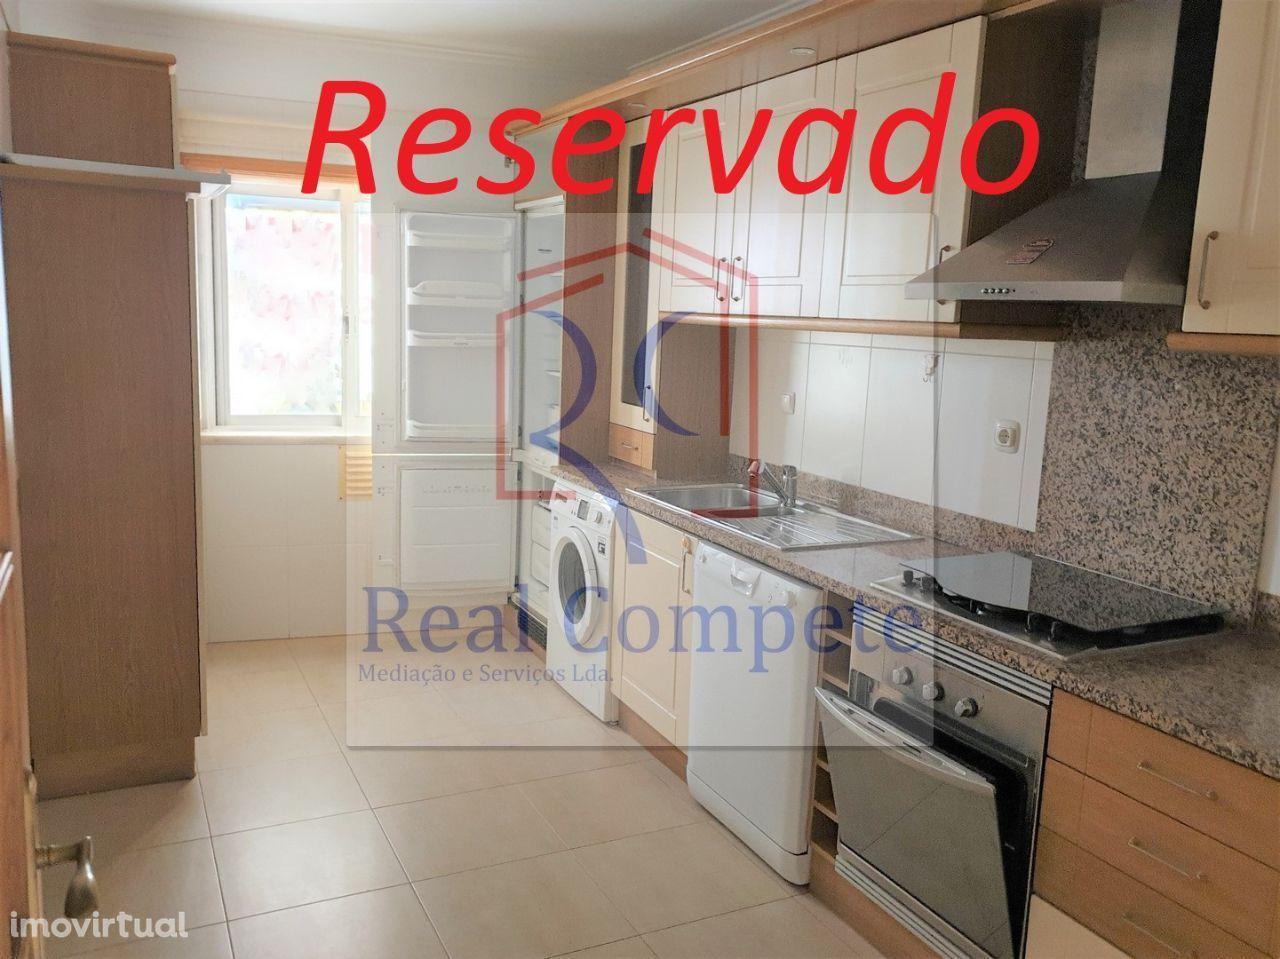 Apartamento T2 em Santa Marta do Pinhal - Corroios